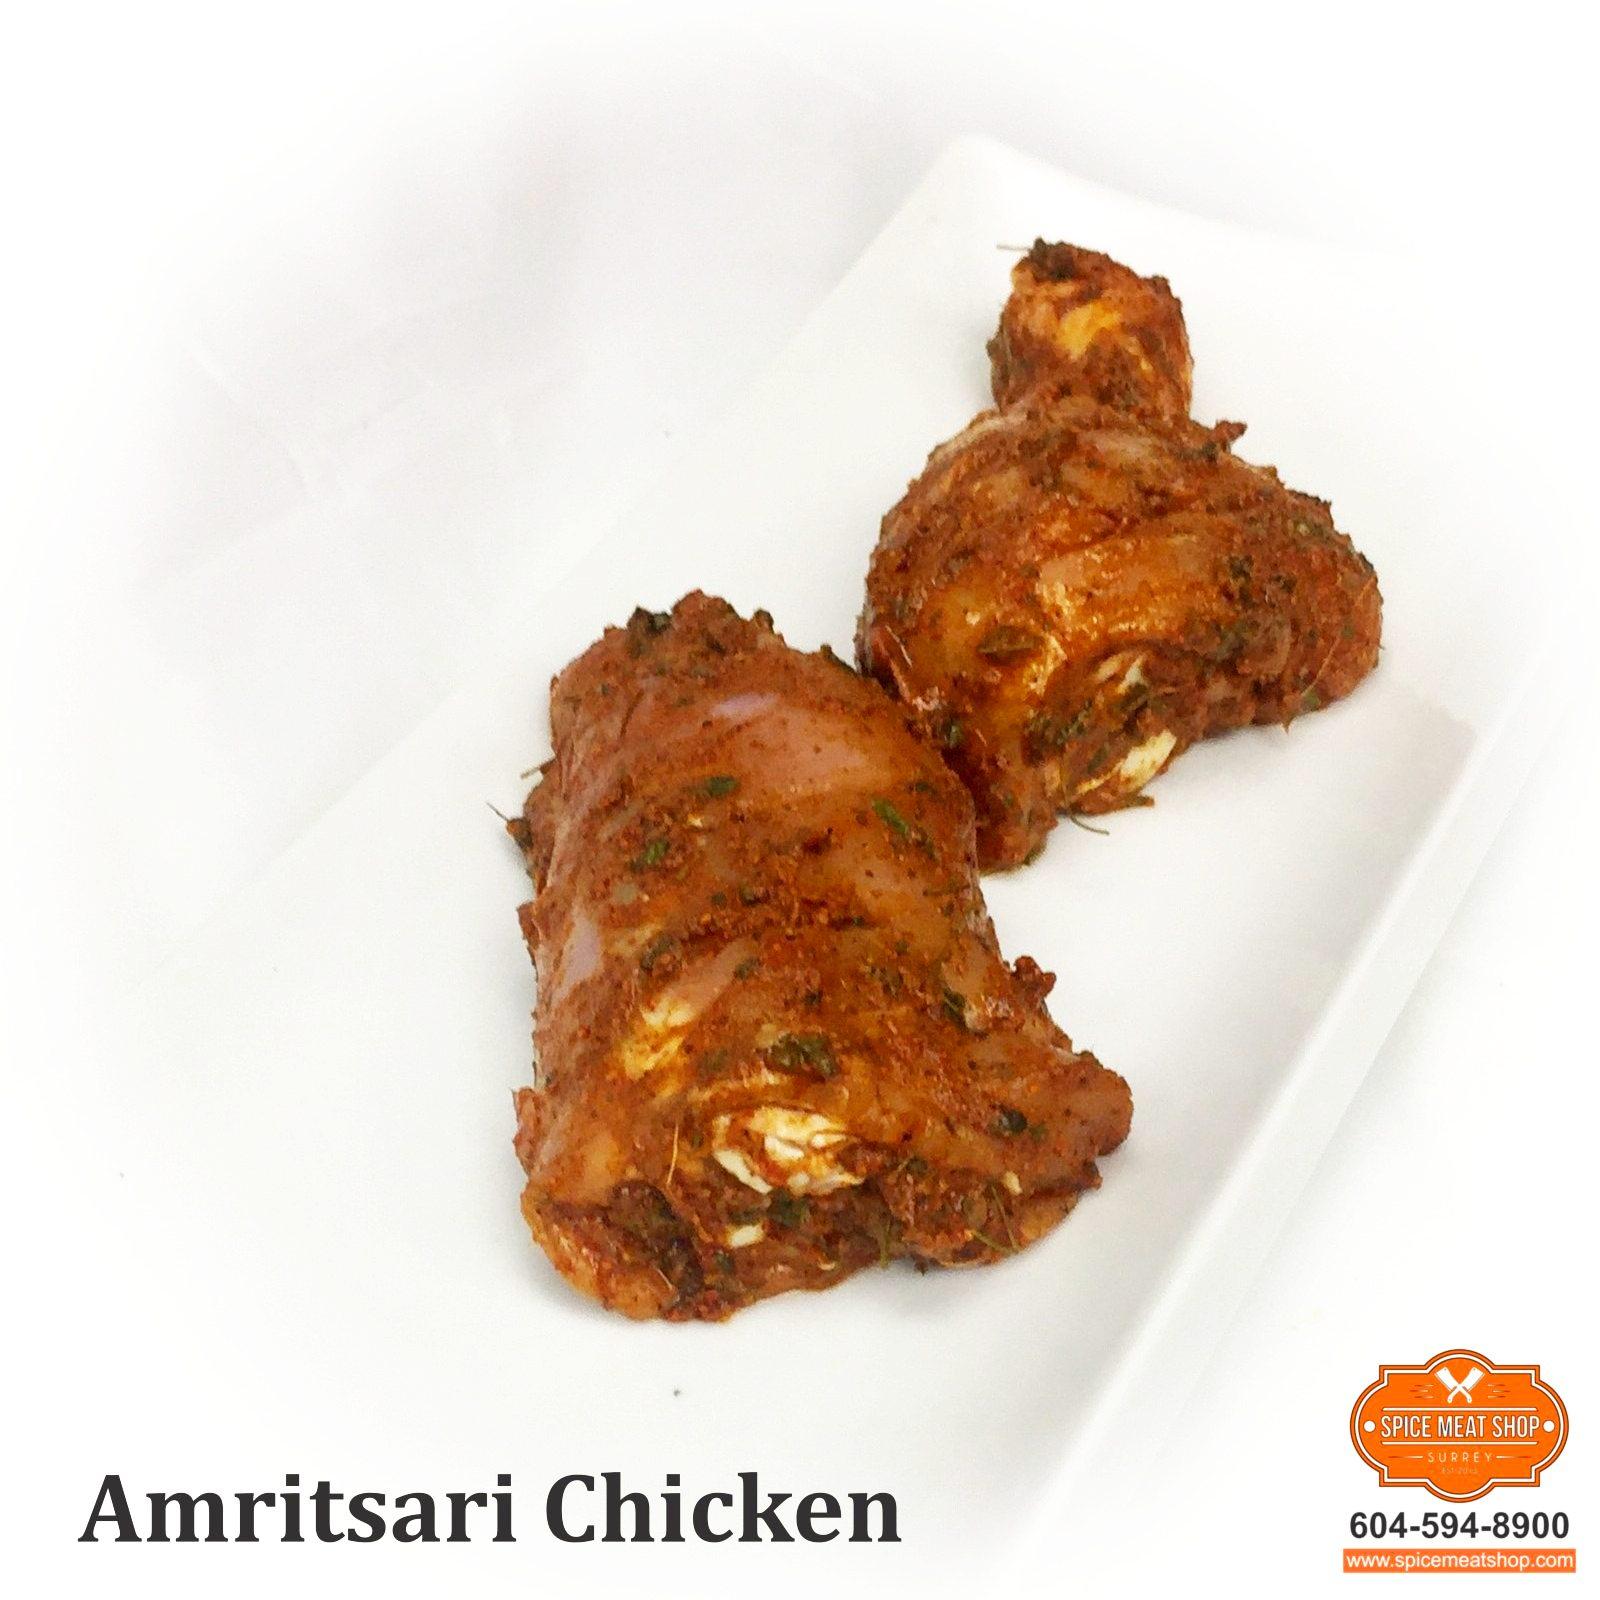 amritsari-chicken